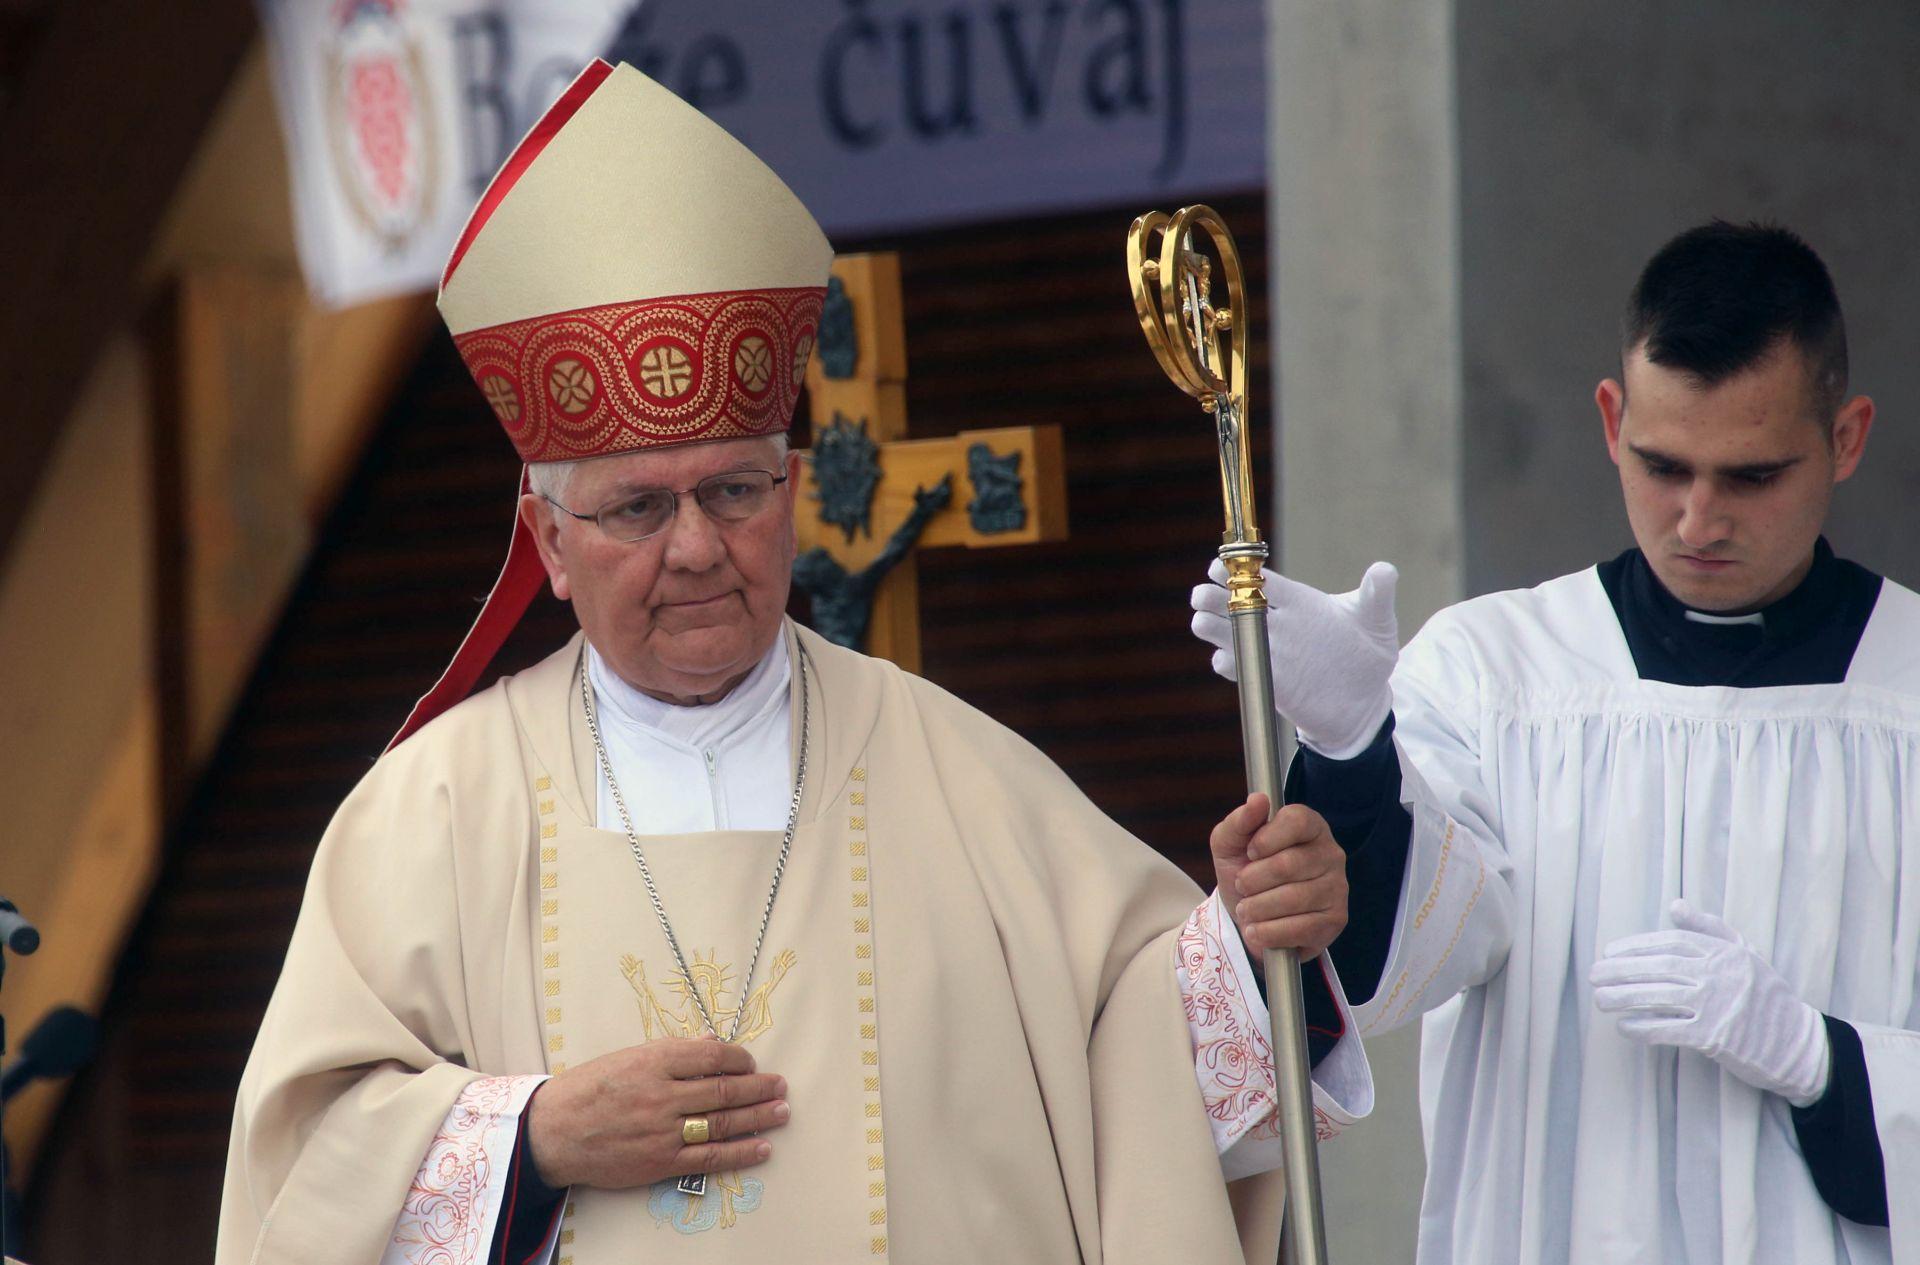 Biskup Komarica: Treba otkloniti ruševine koje skrivaju istinu i zajednički izgrađivati ljubav, pomirenje i mir